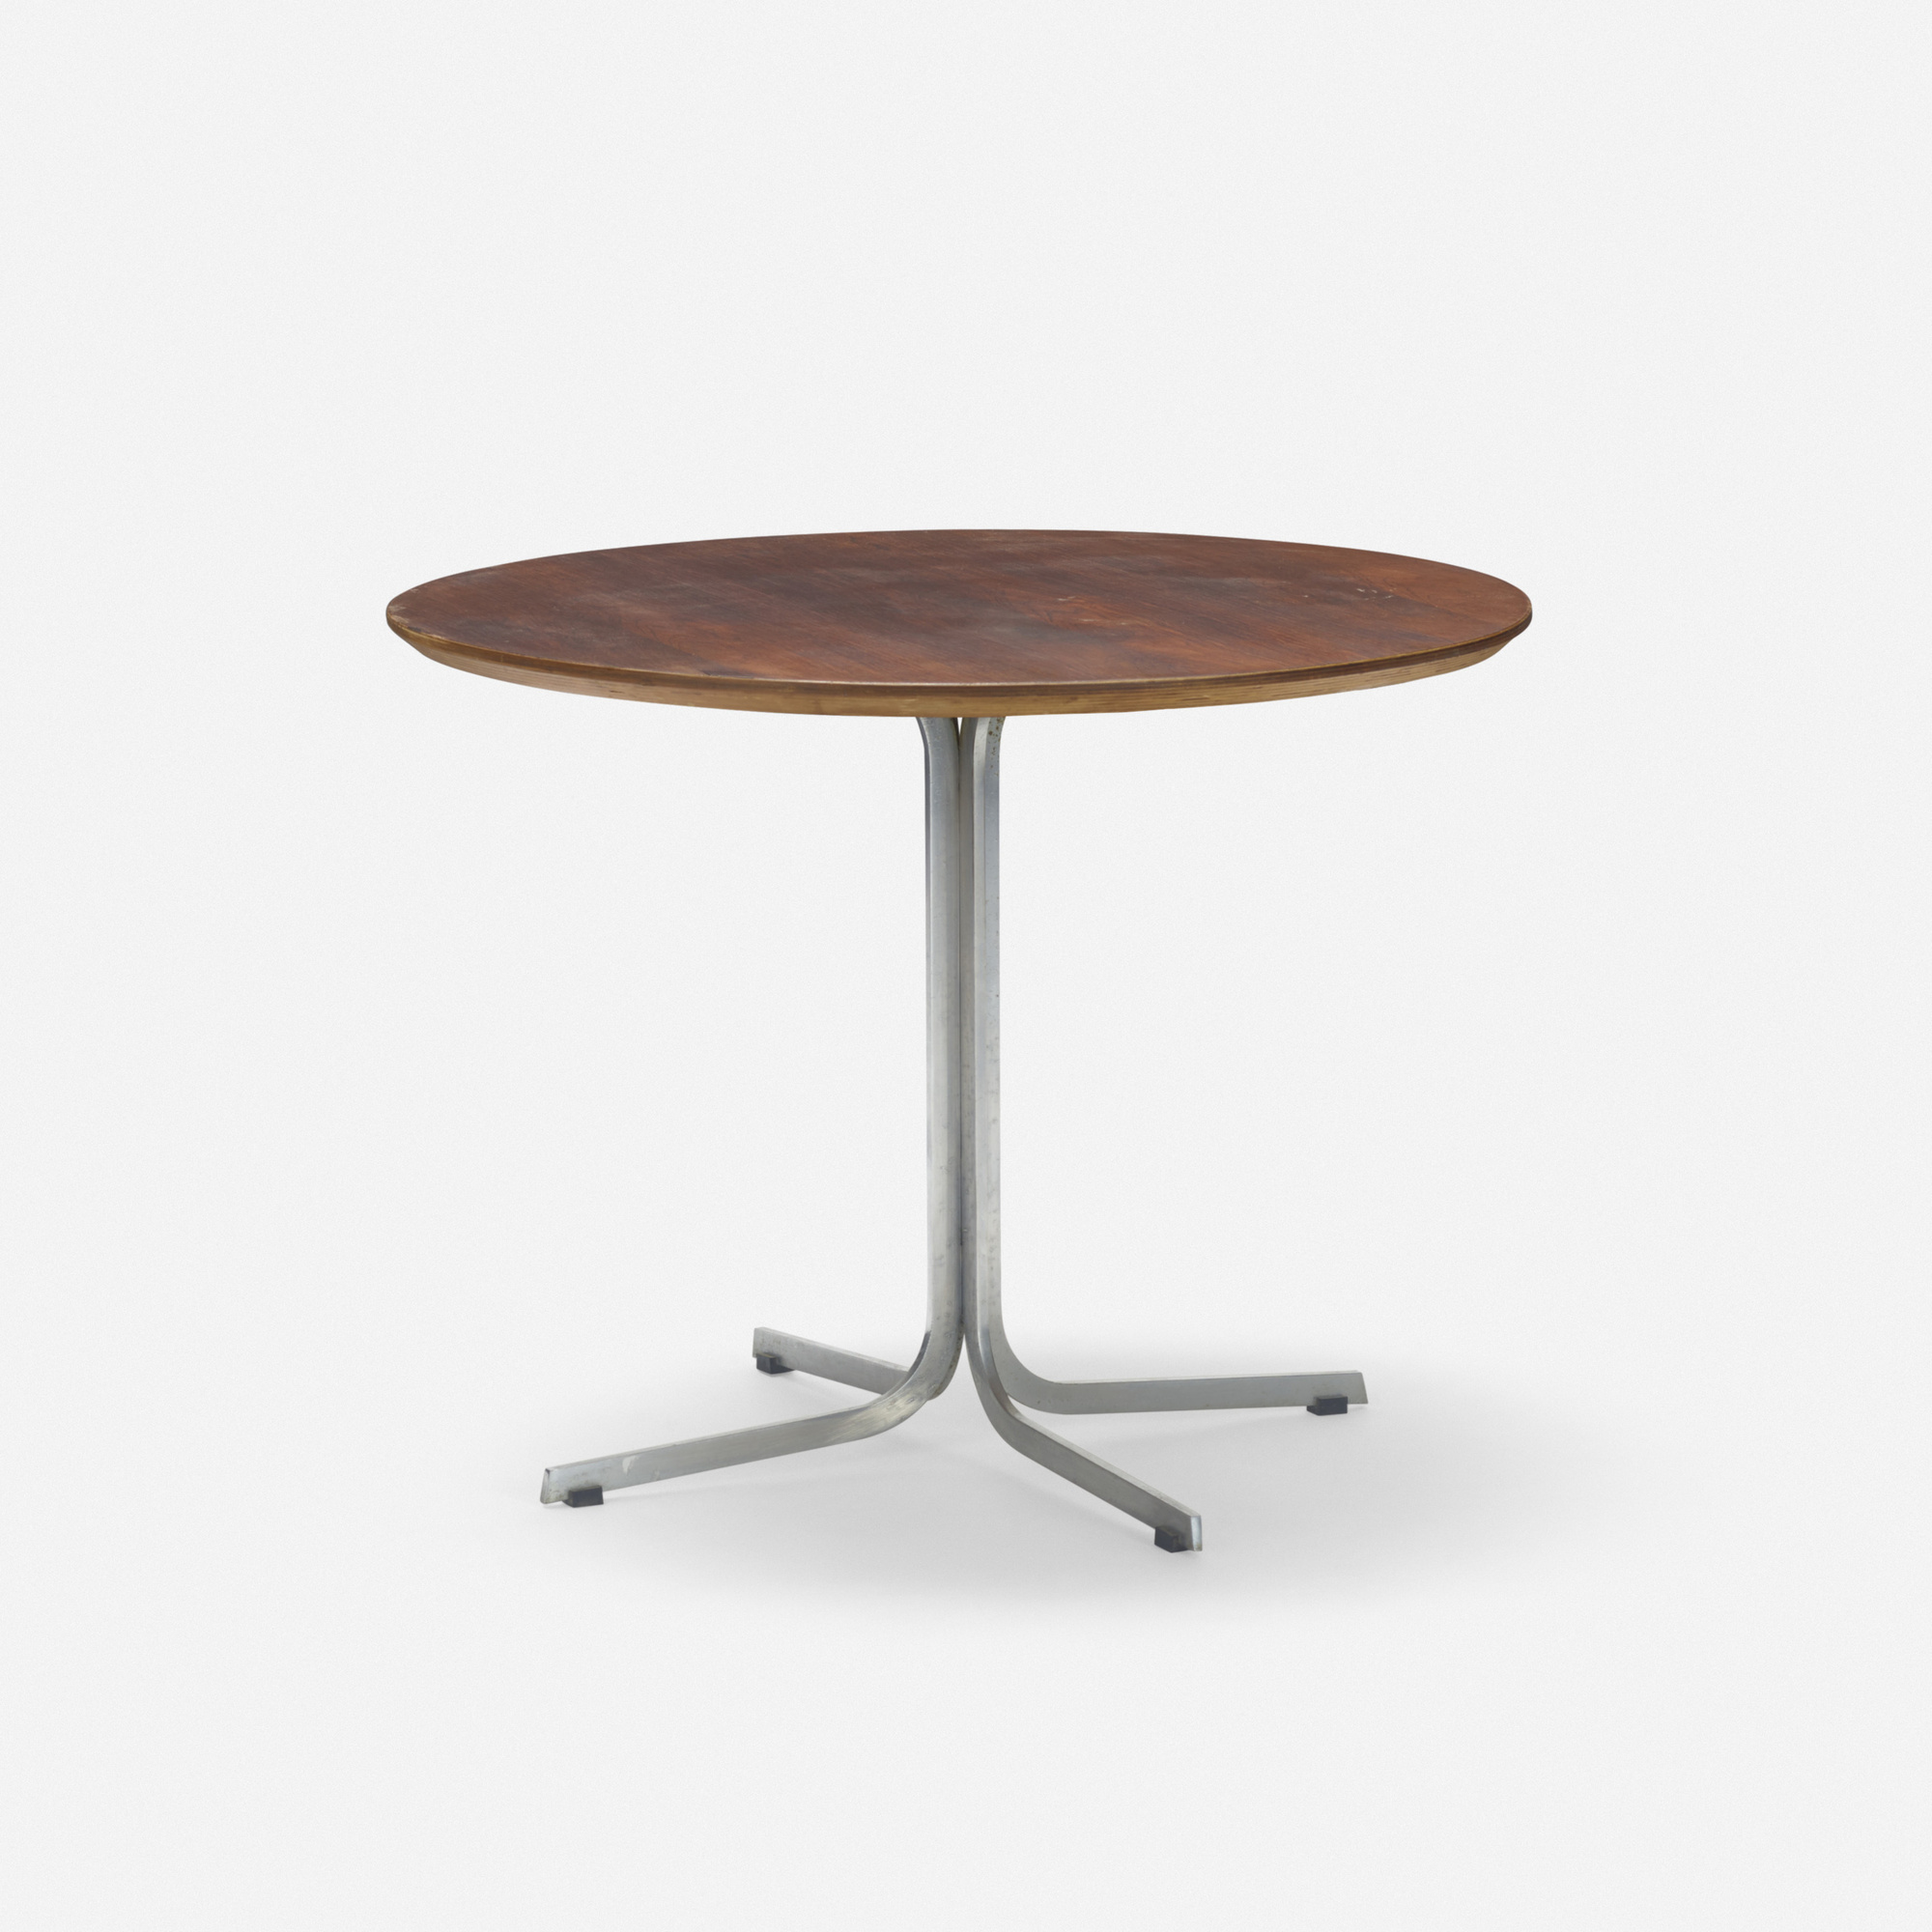 333: Pierre Paulin / table (1 of 2)